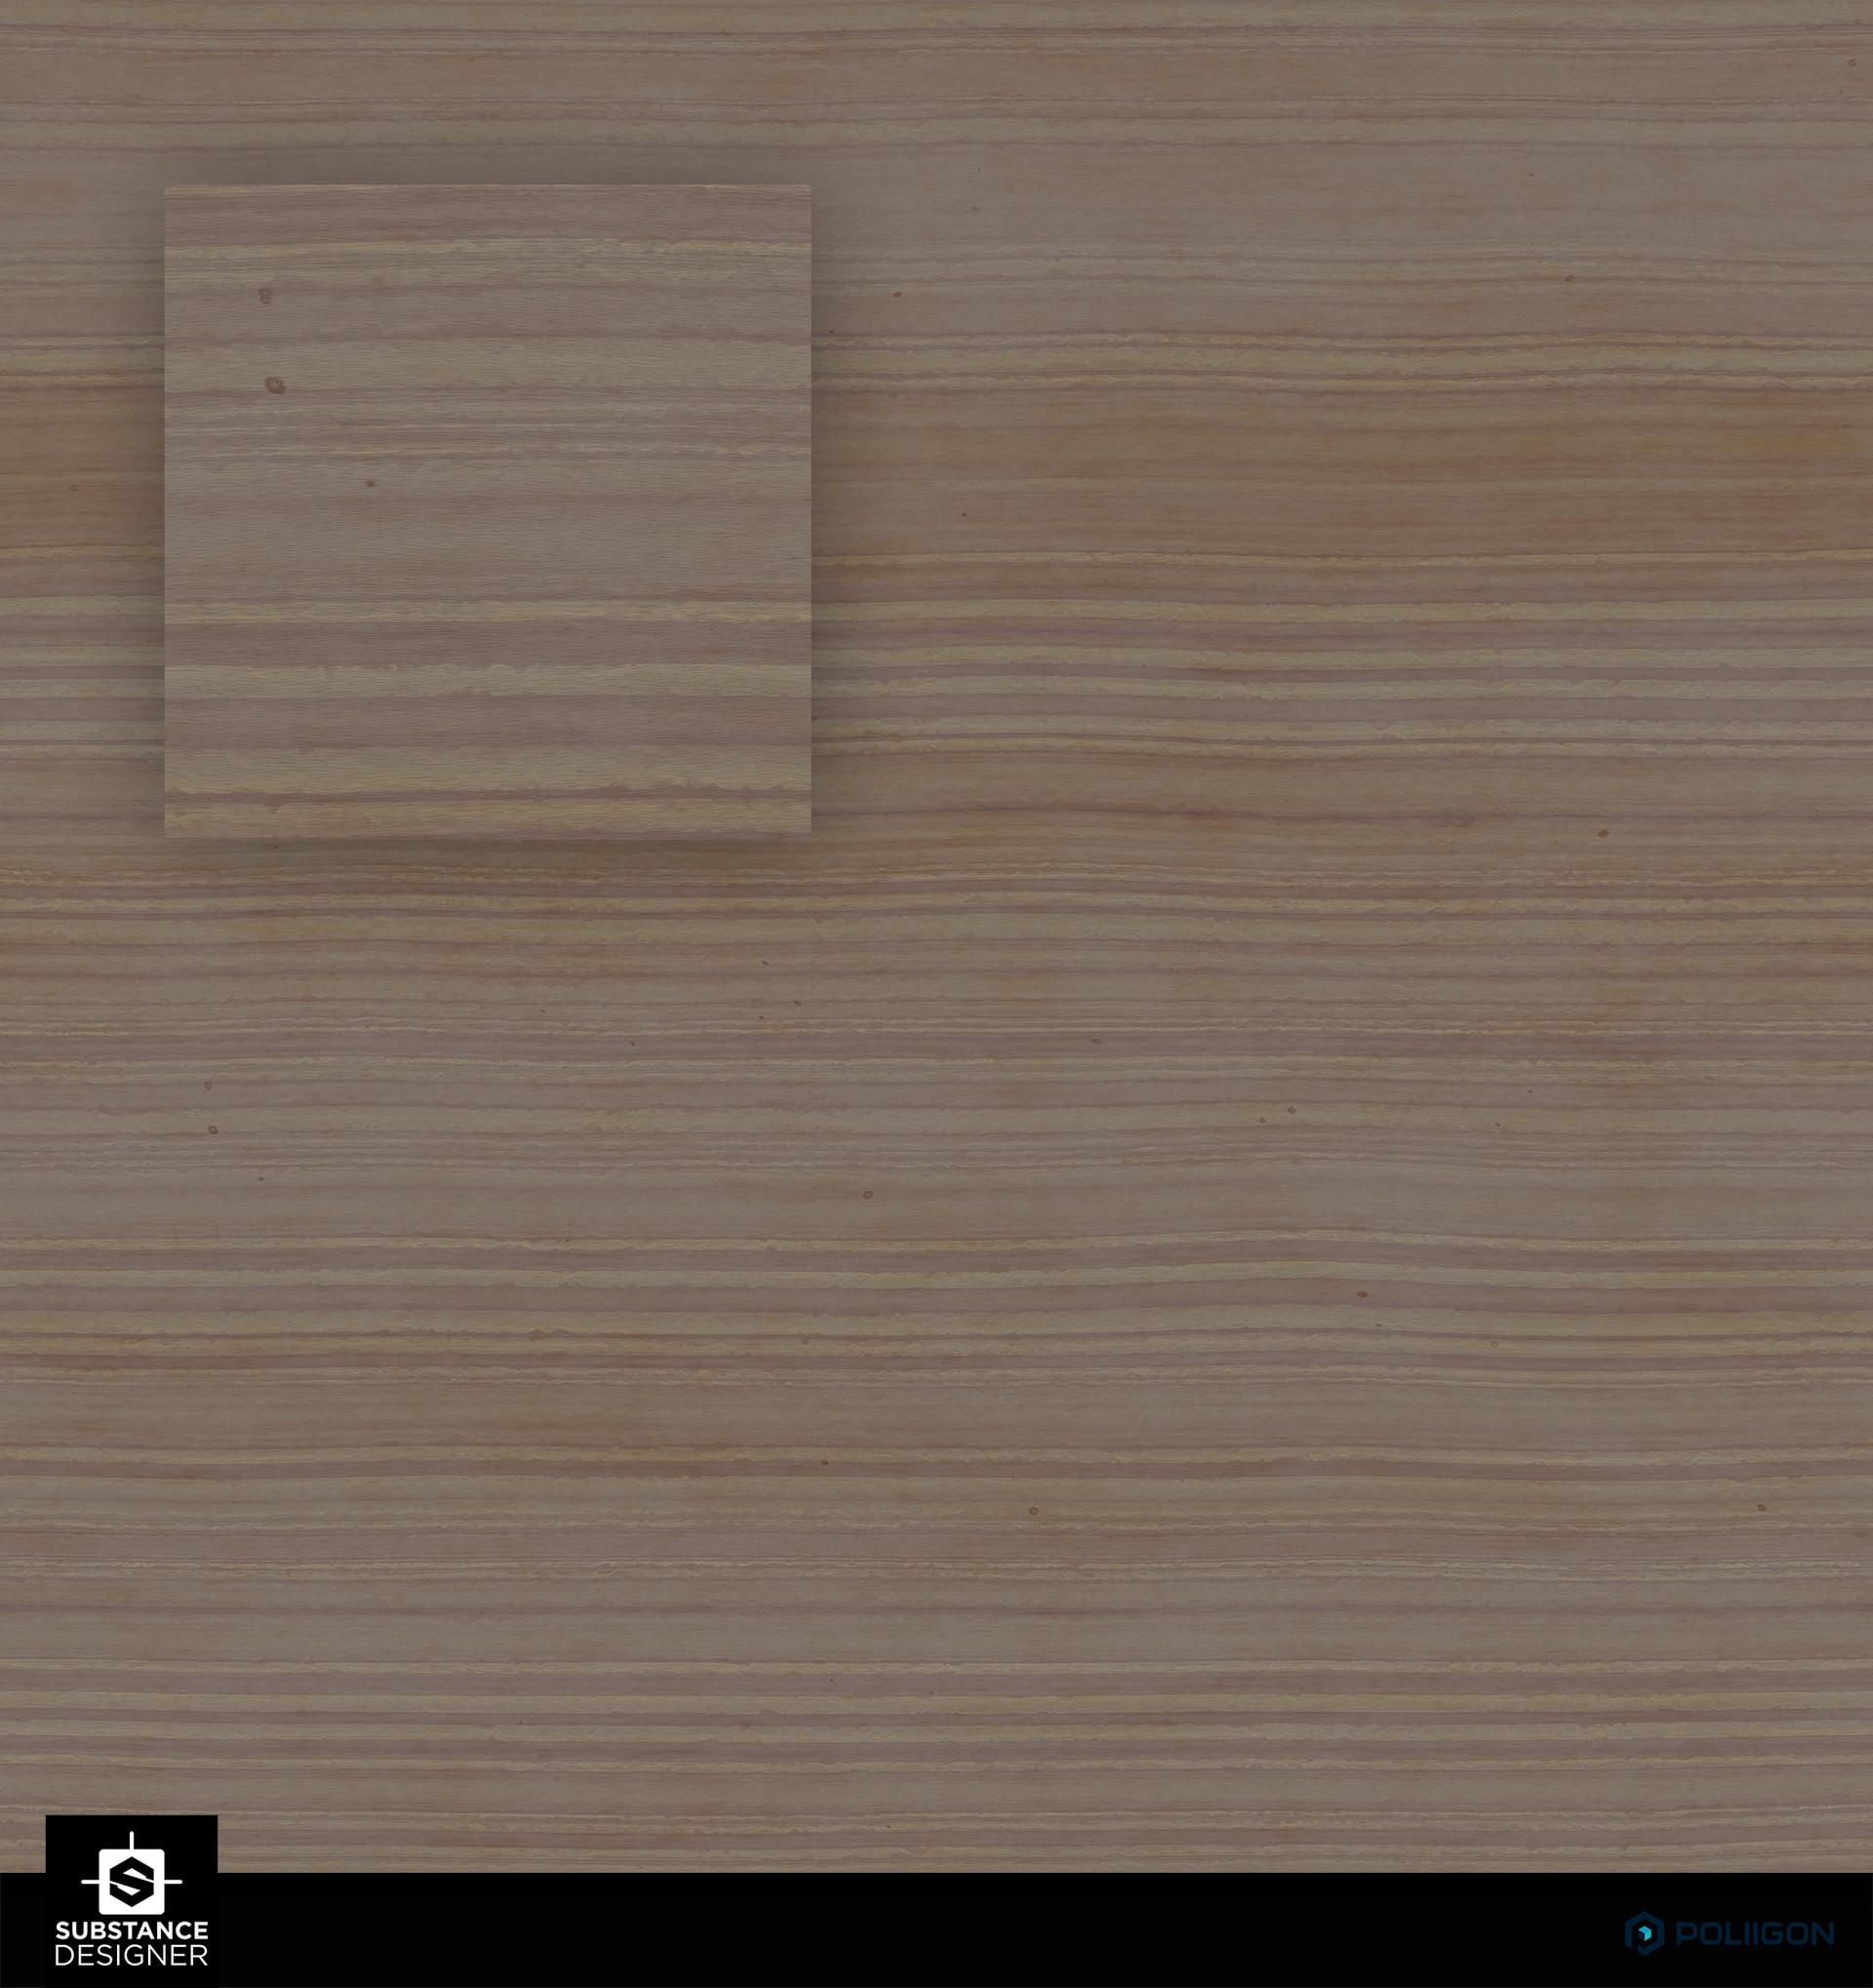 Guilherme henrique plain layeredgray